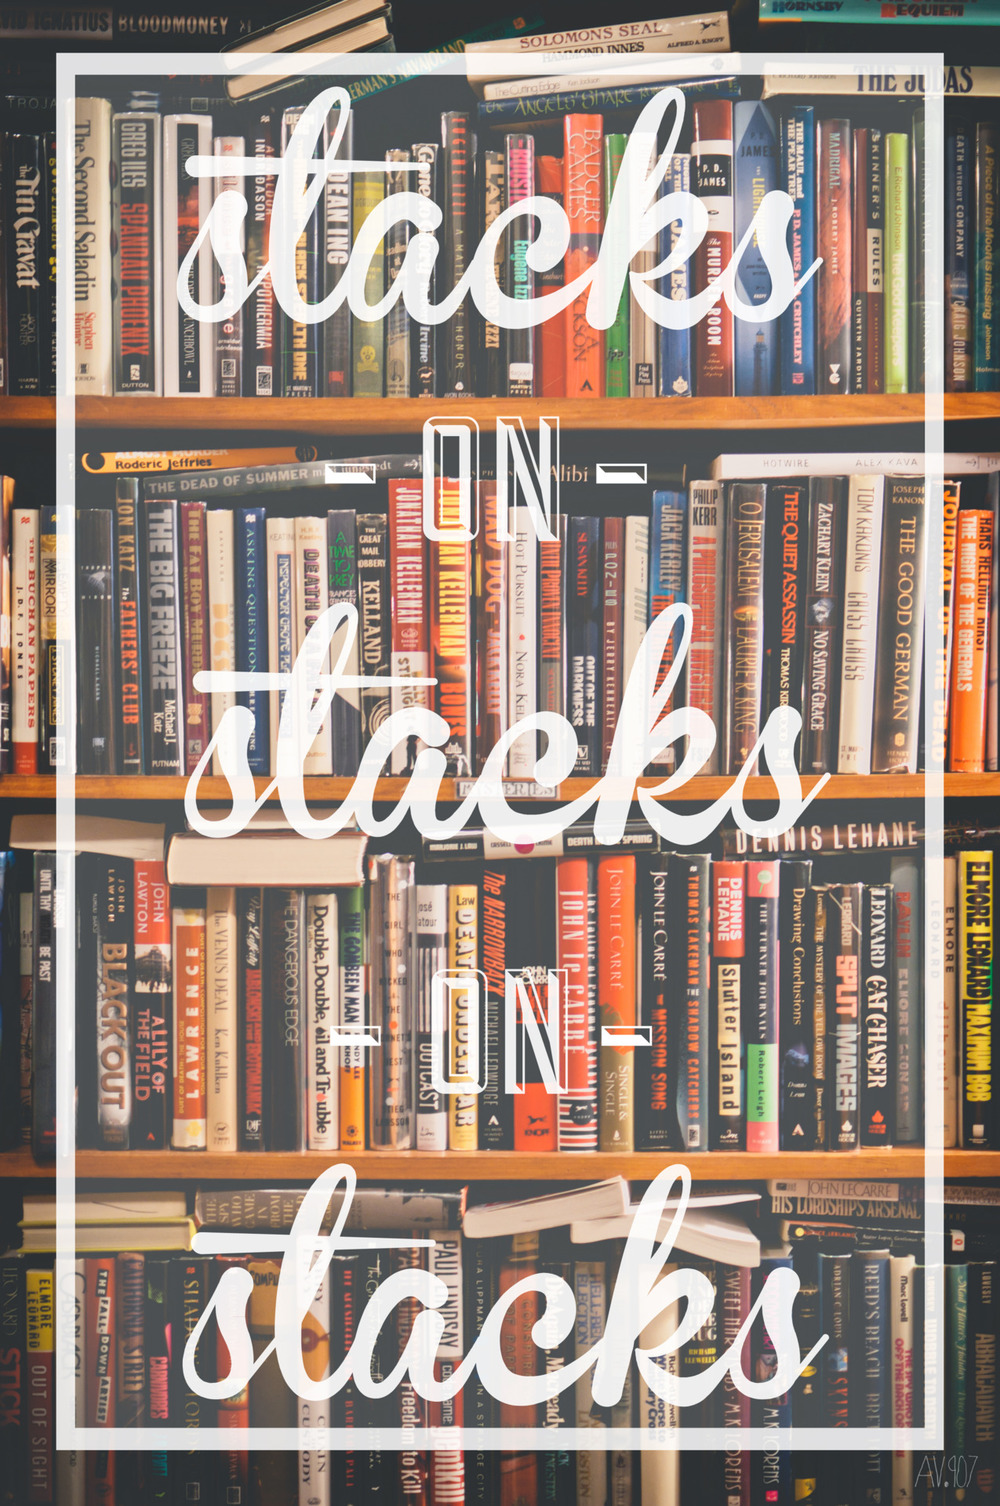 stacks on stacks on stacks